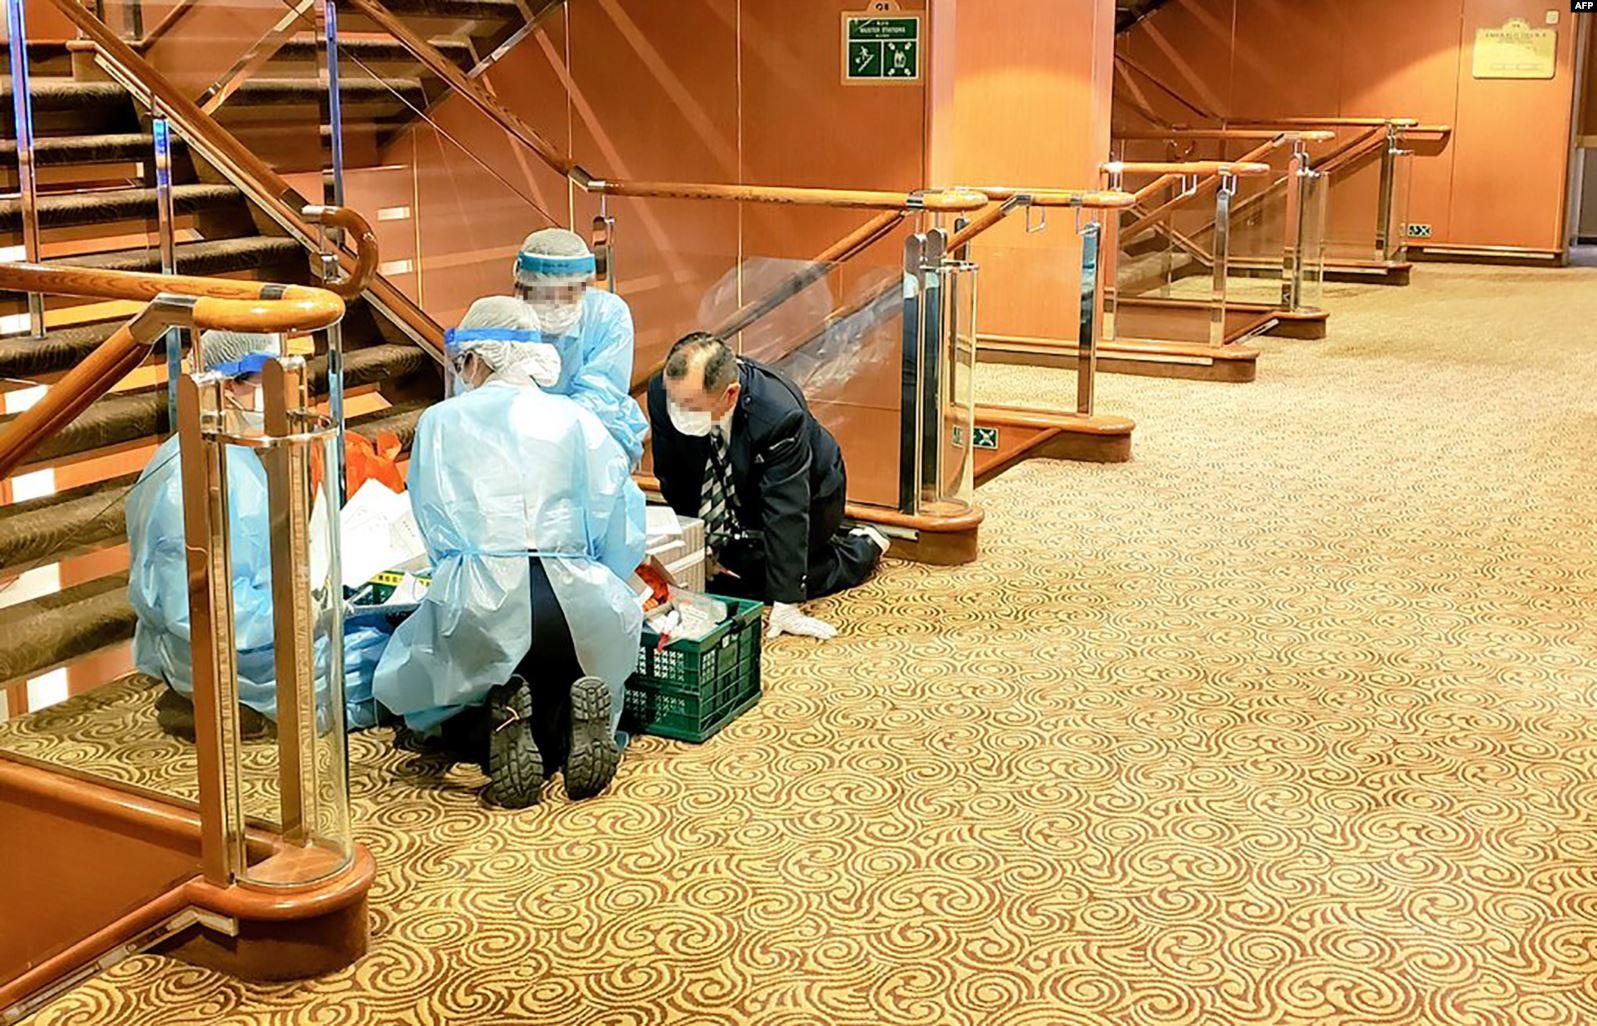 F0E8F235-ADE4-4C15-985B-60871542B12A_w1597_n_r0_st У 25 українців на заблокованому лайнері біля Японії коронавірусу не виявлено